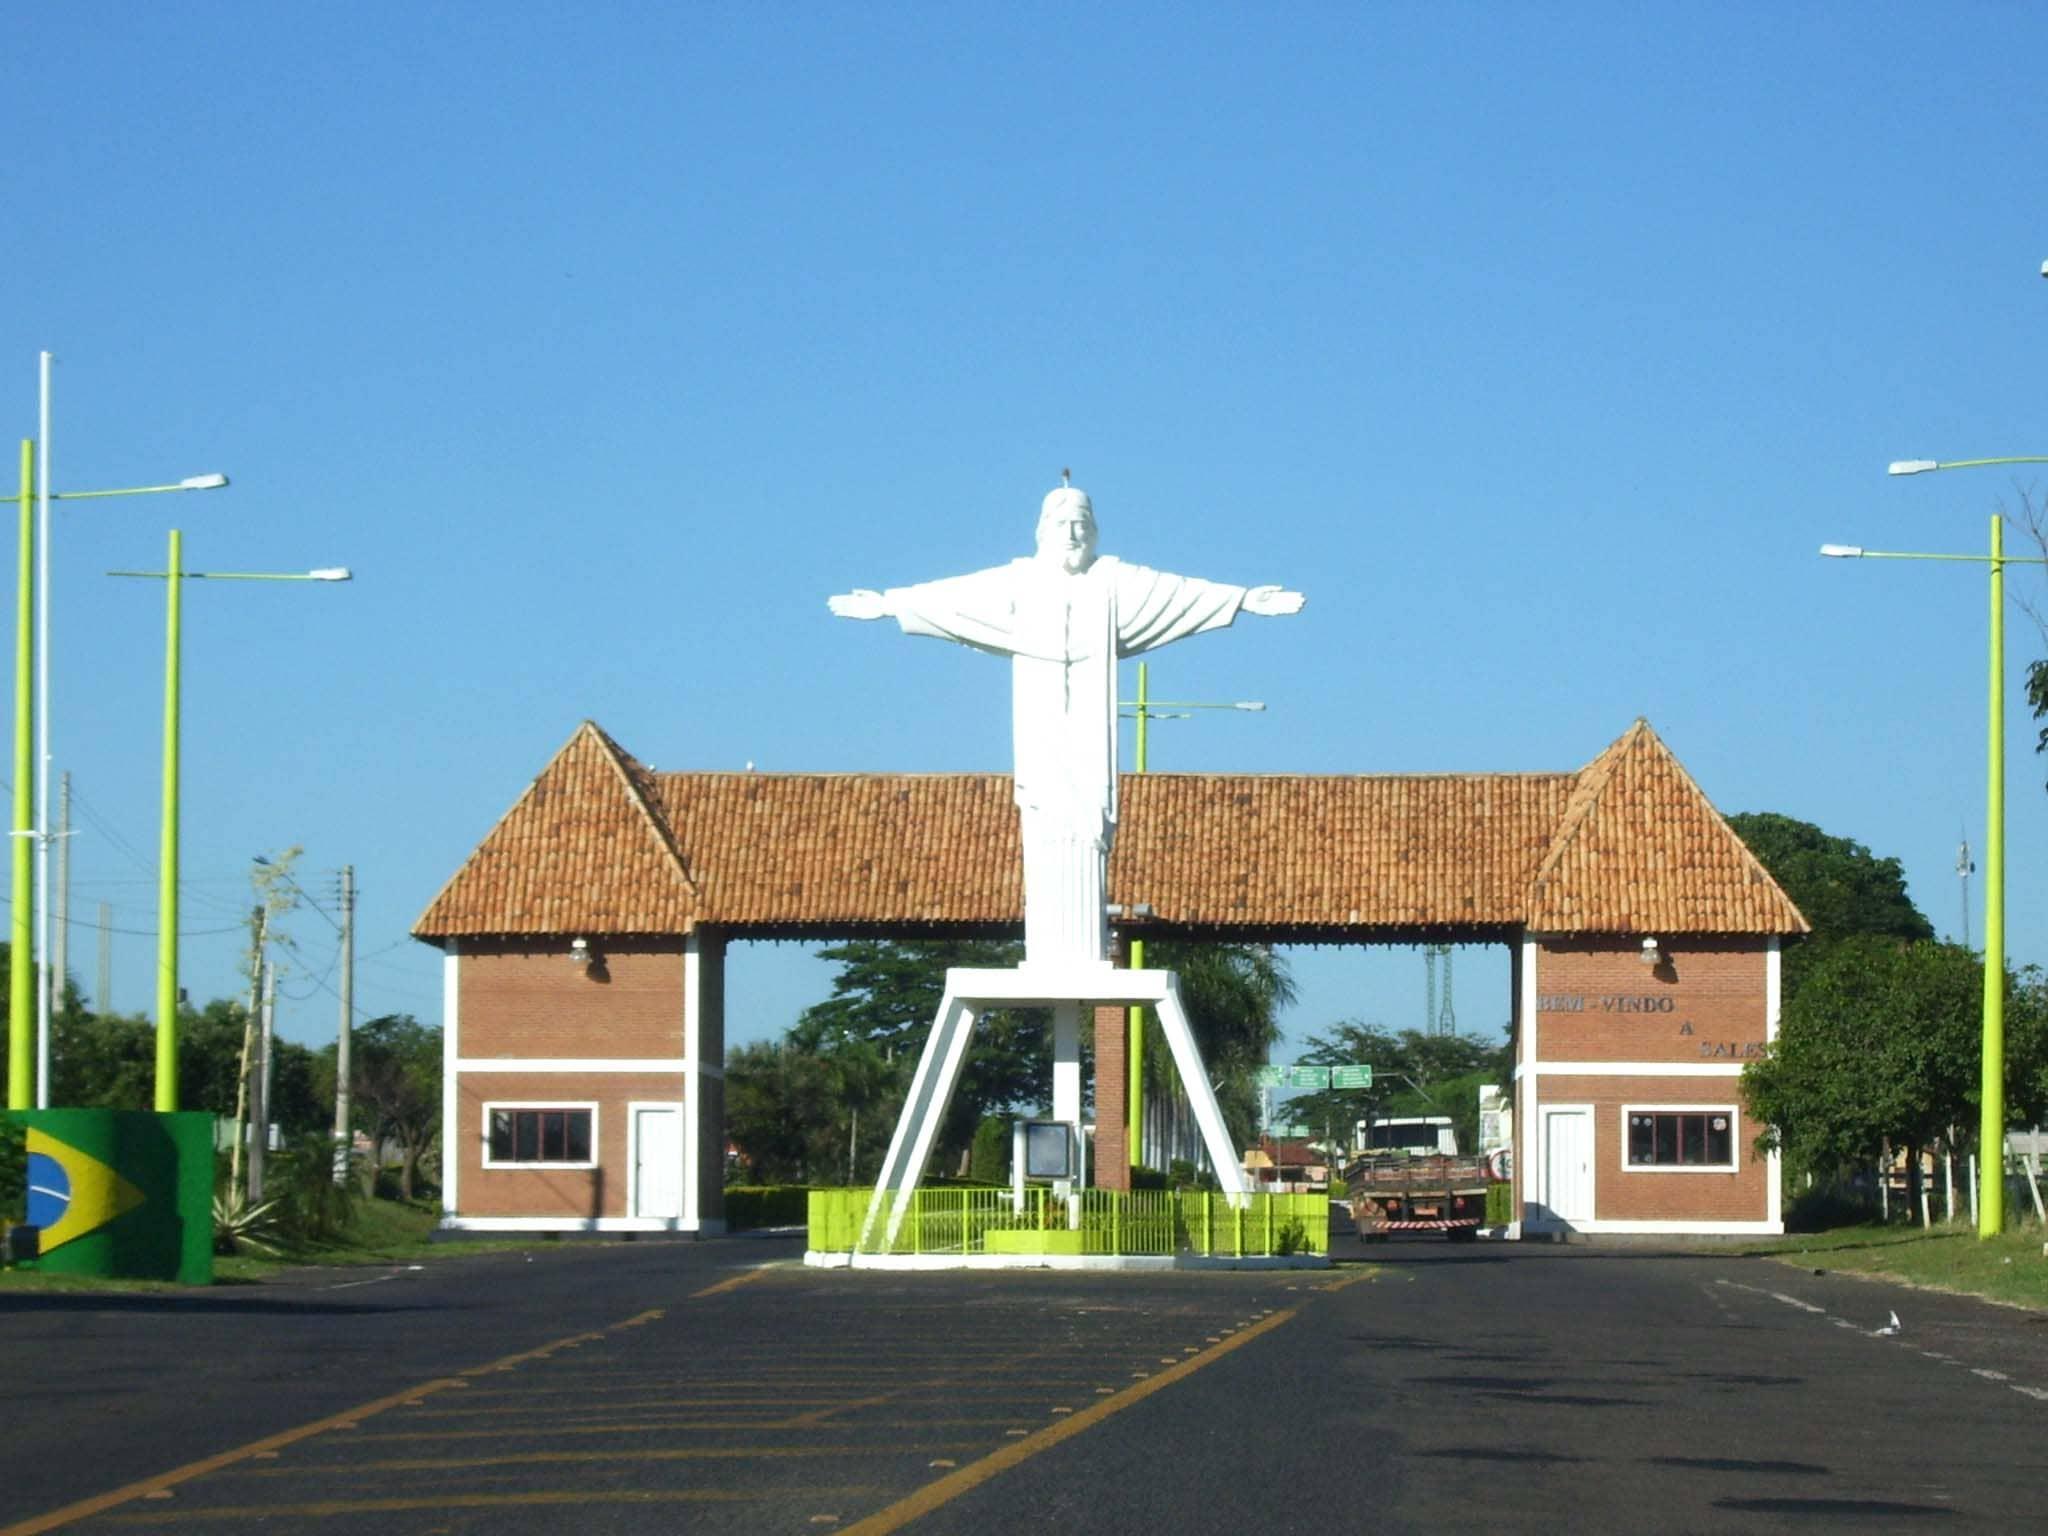 Imagem da entrada da cidade para quem deseja escolher um escritório de contabilidade em Sales